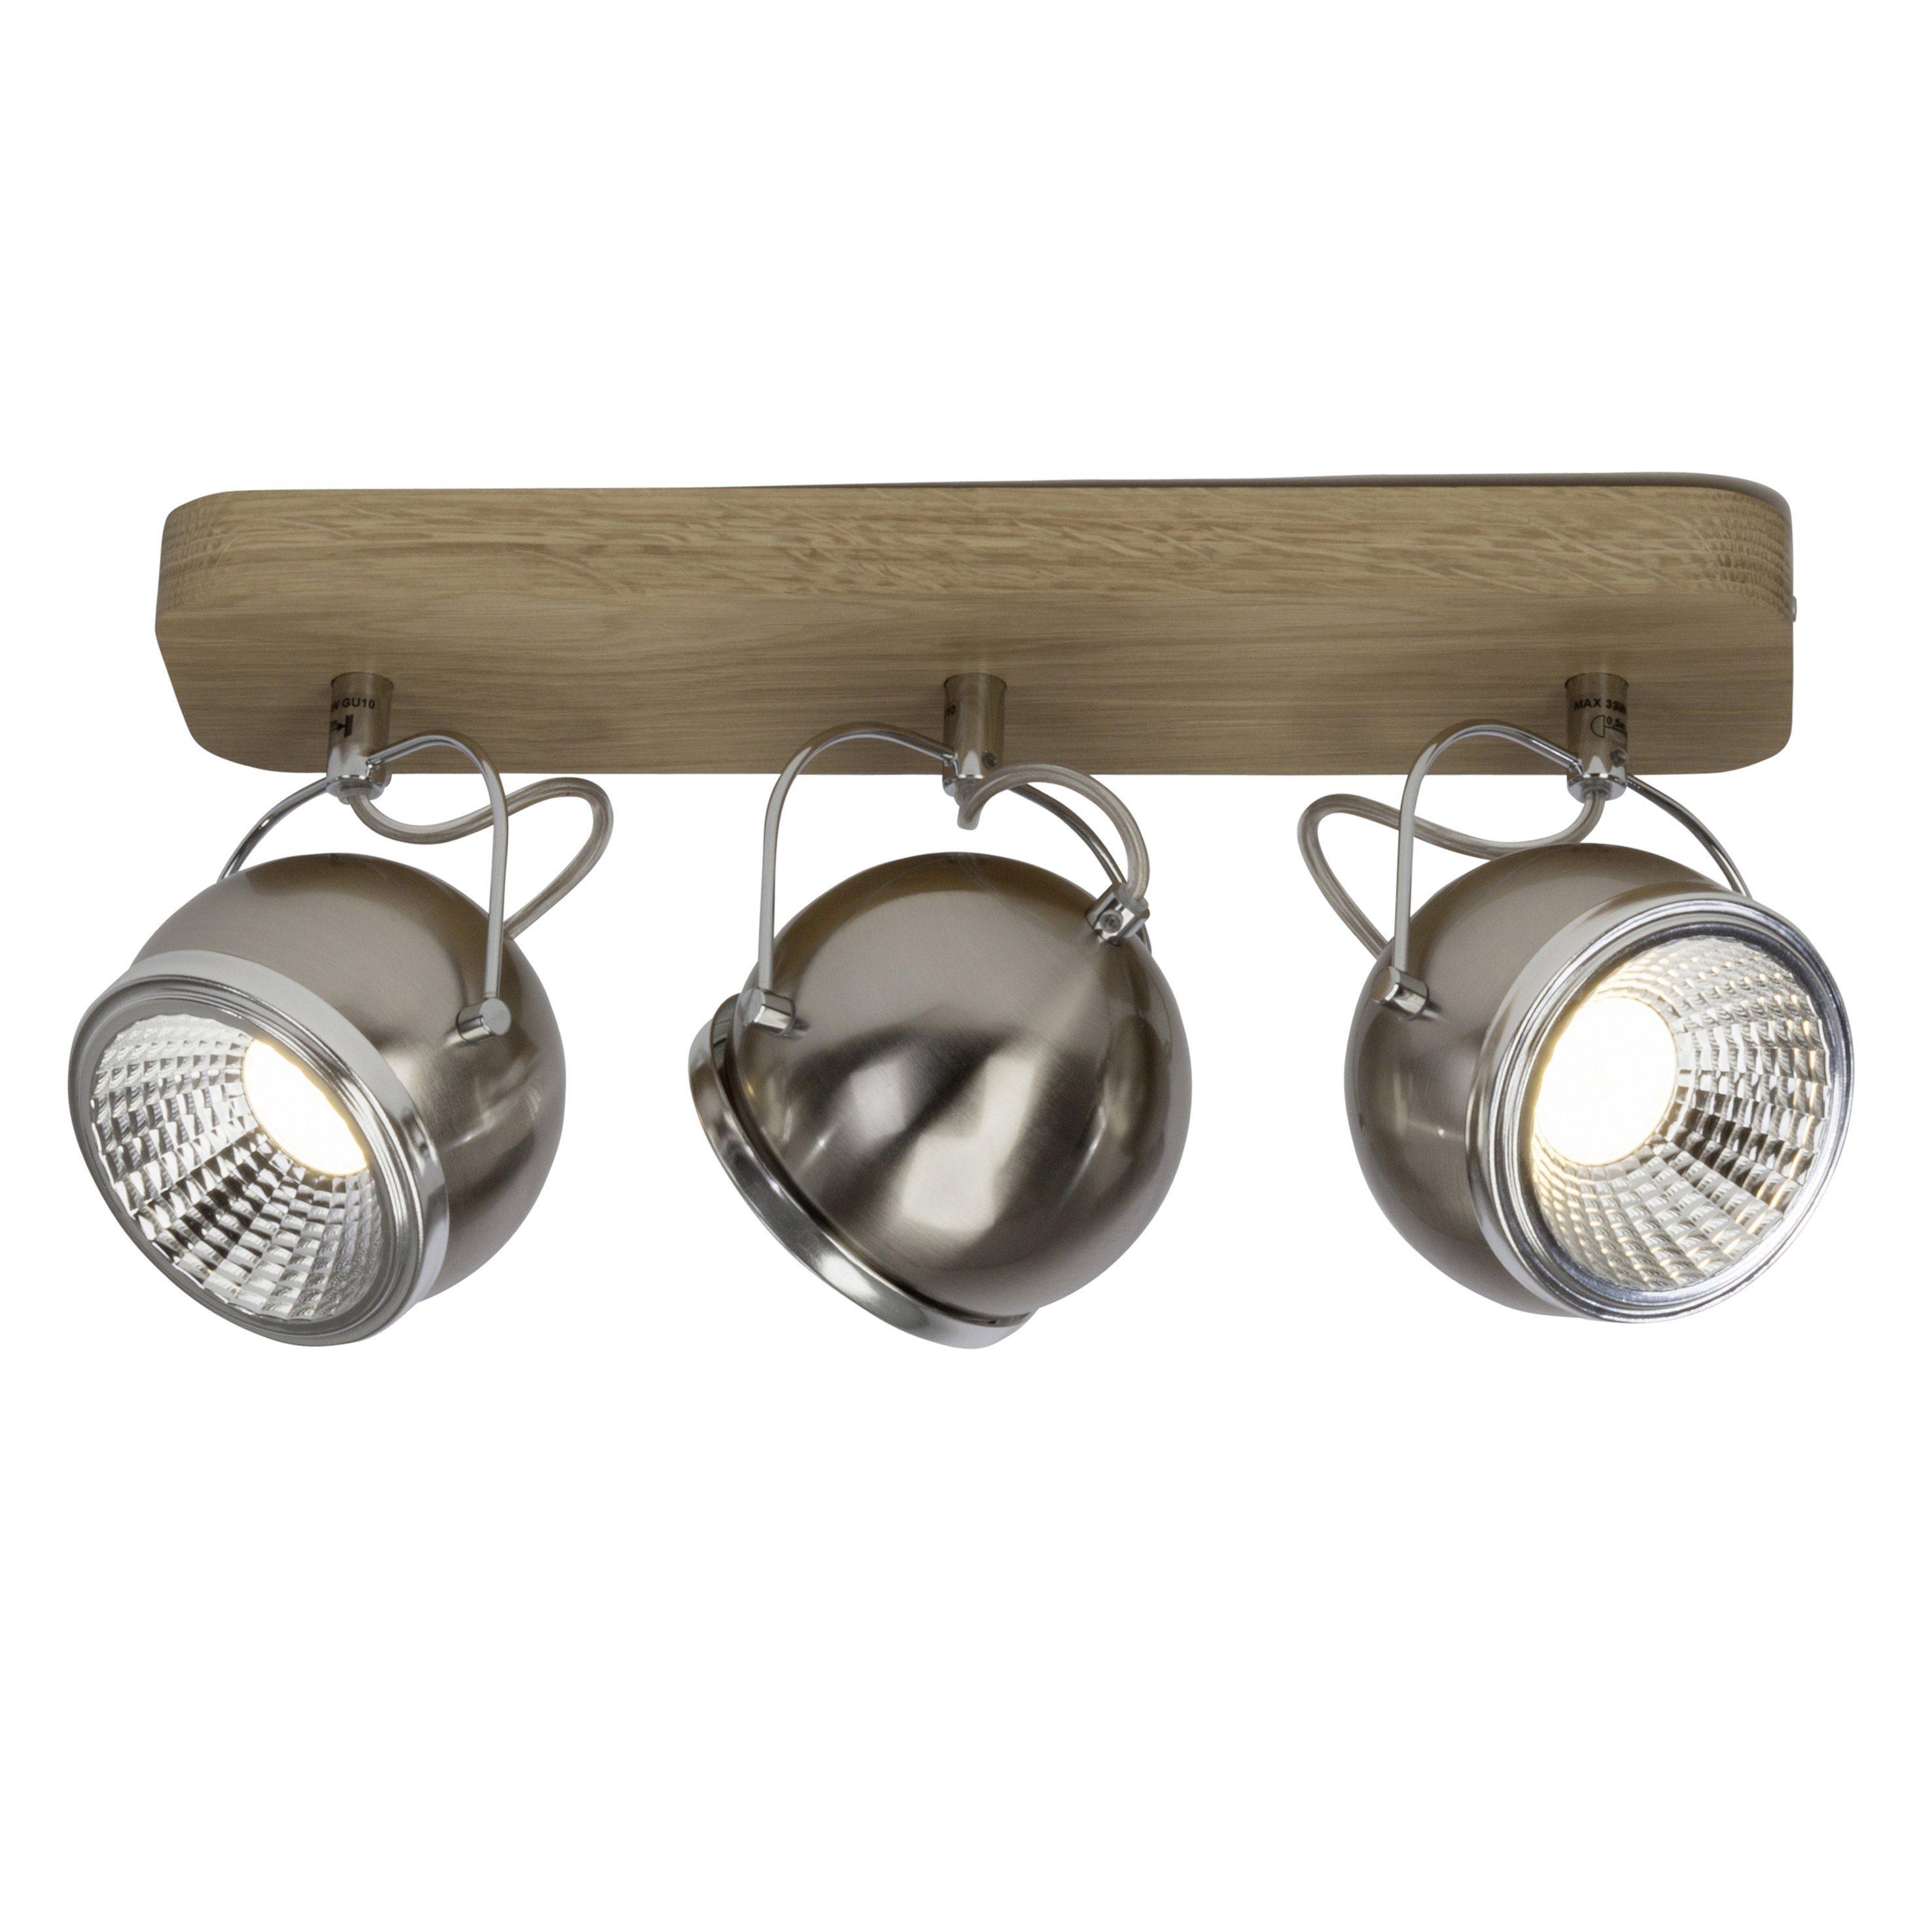 Brilliant Leuchten Tribe LED Spotbalken, 3-flammig eiche/eisen